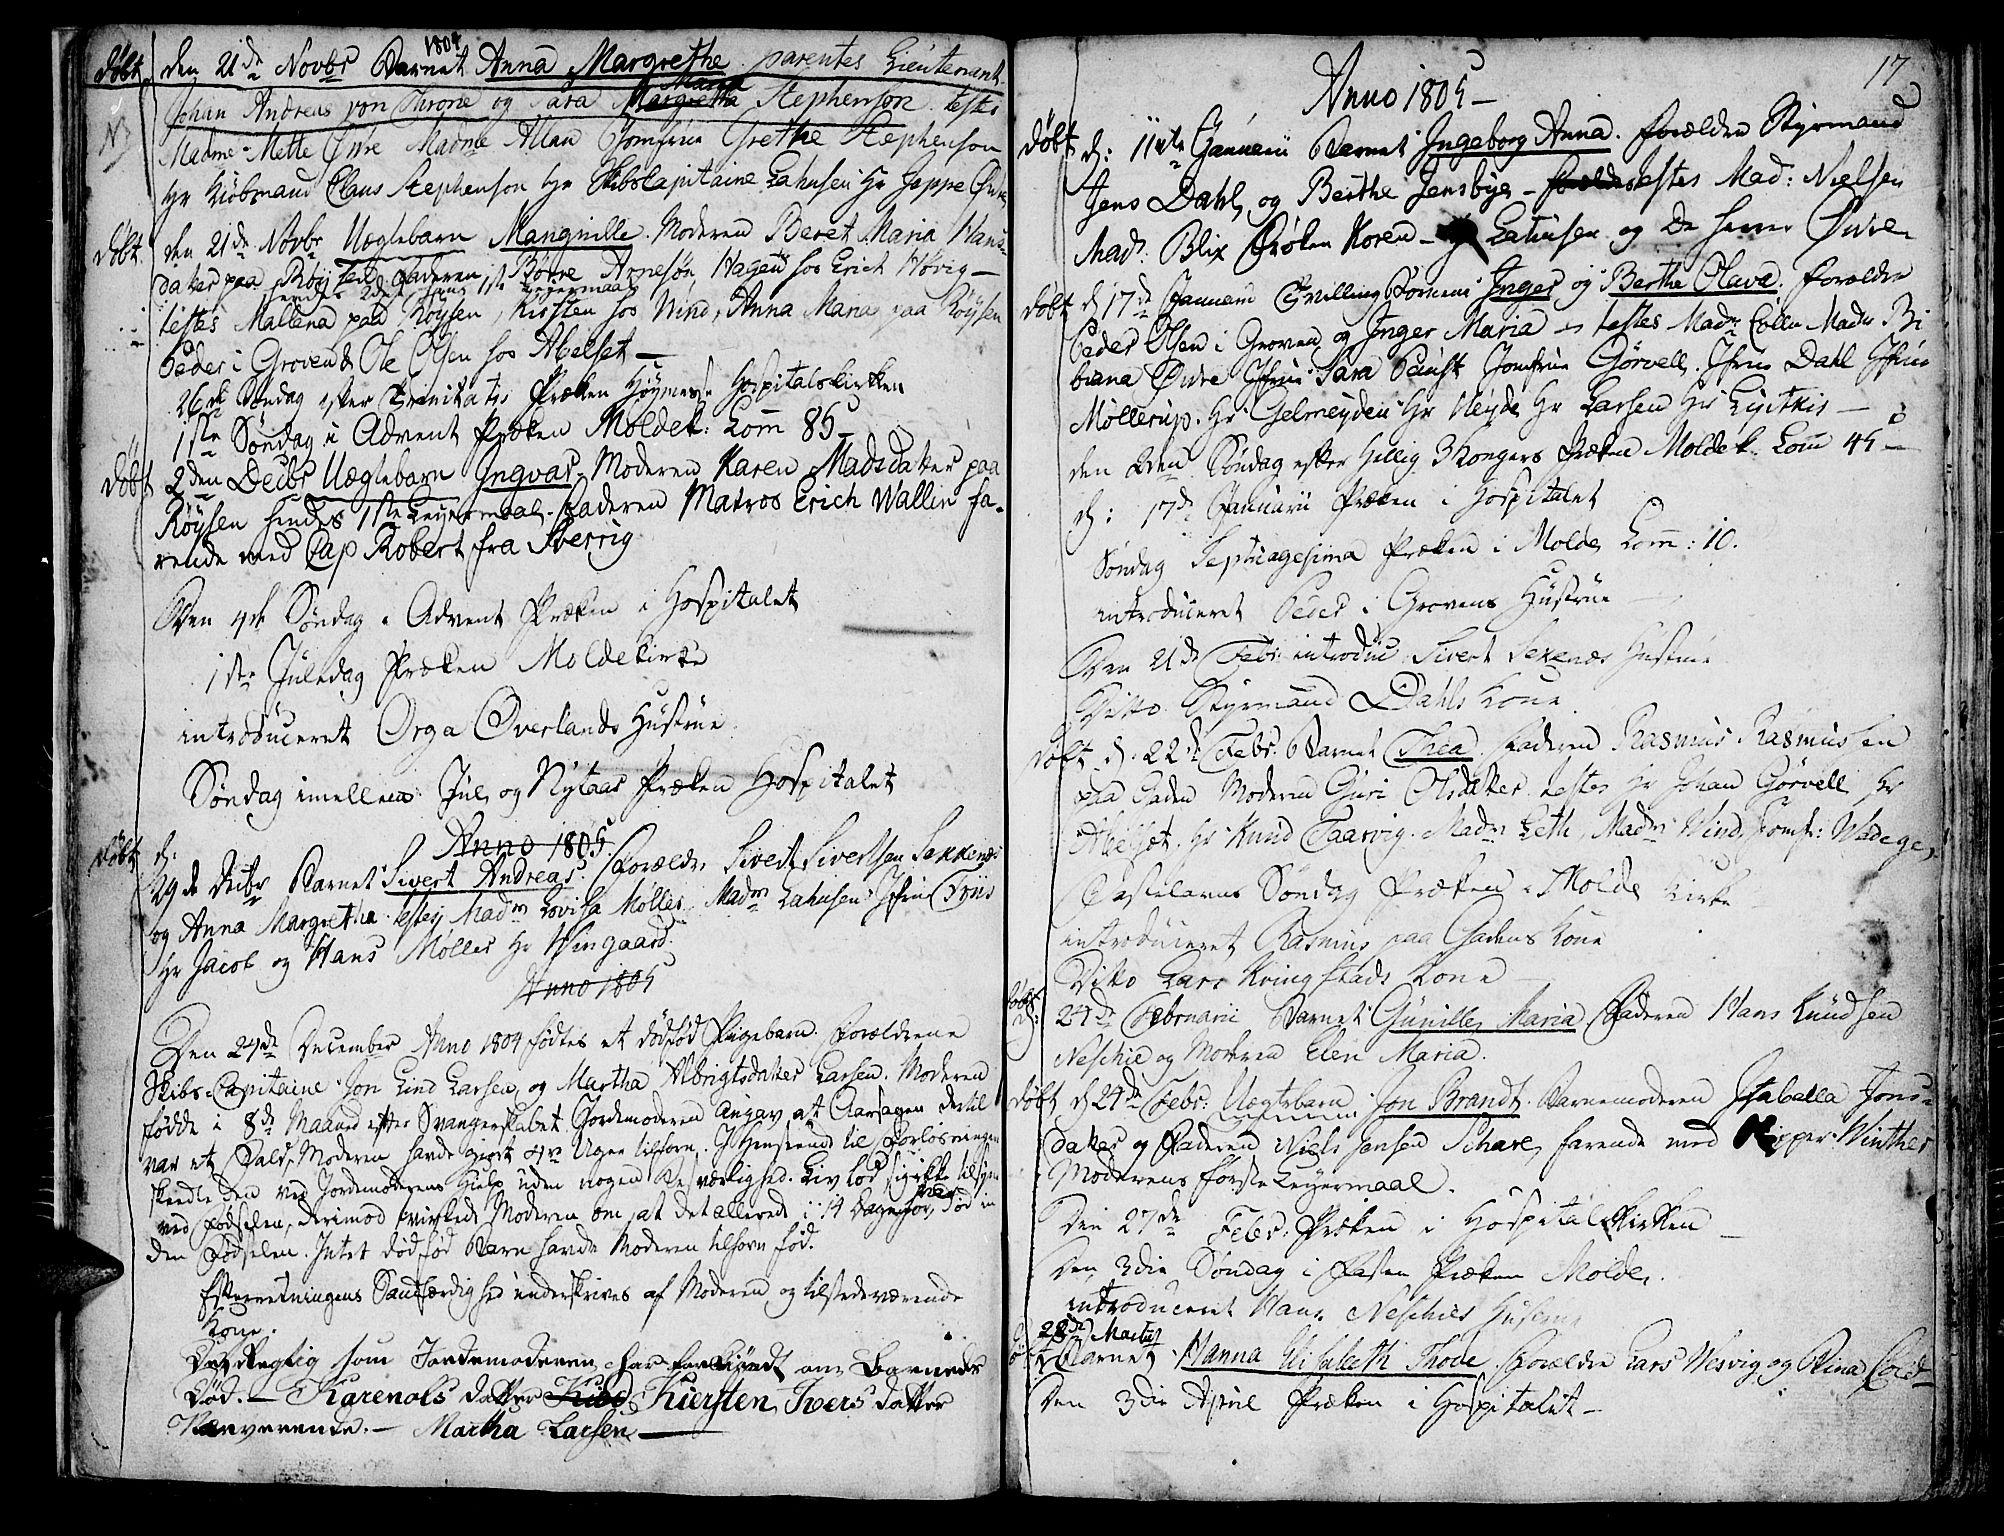 SAT, Ministerialprotokoller, klokkerbøker og fødselsregistre - Møre og Romsdal, 558/L0687: Ministerialbok nr. 558A01, 1798-1818, s. 17